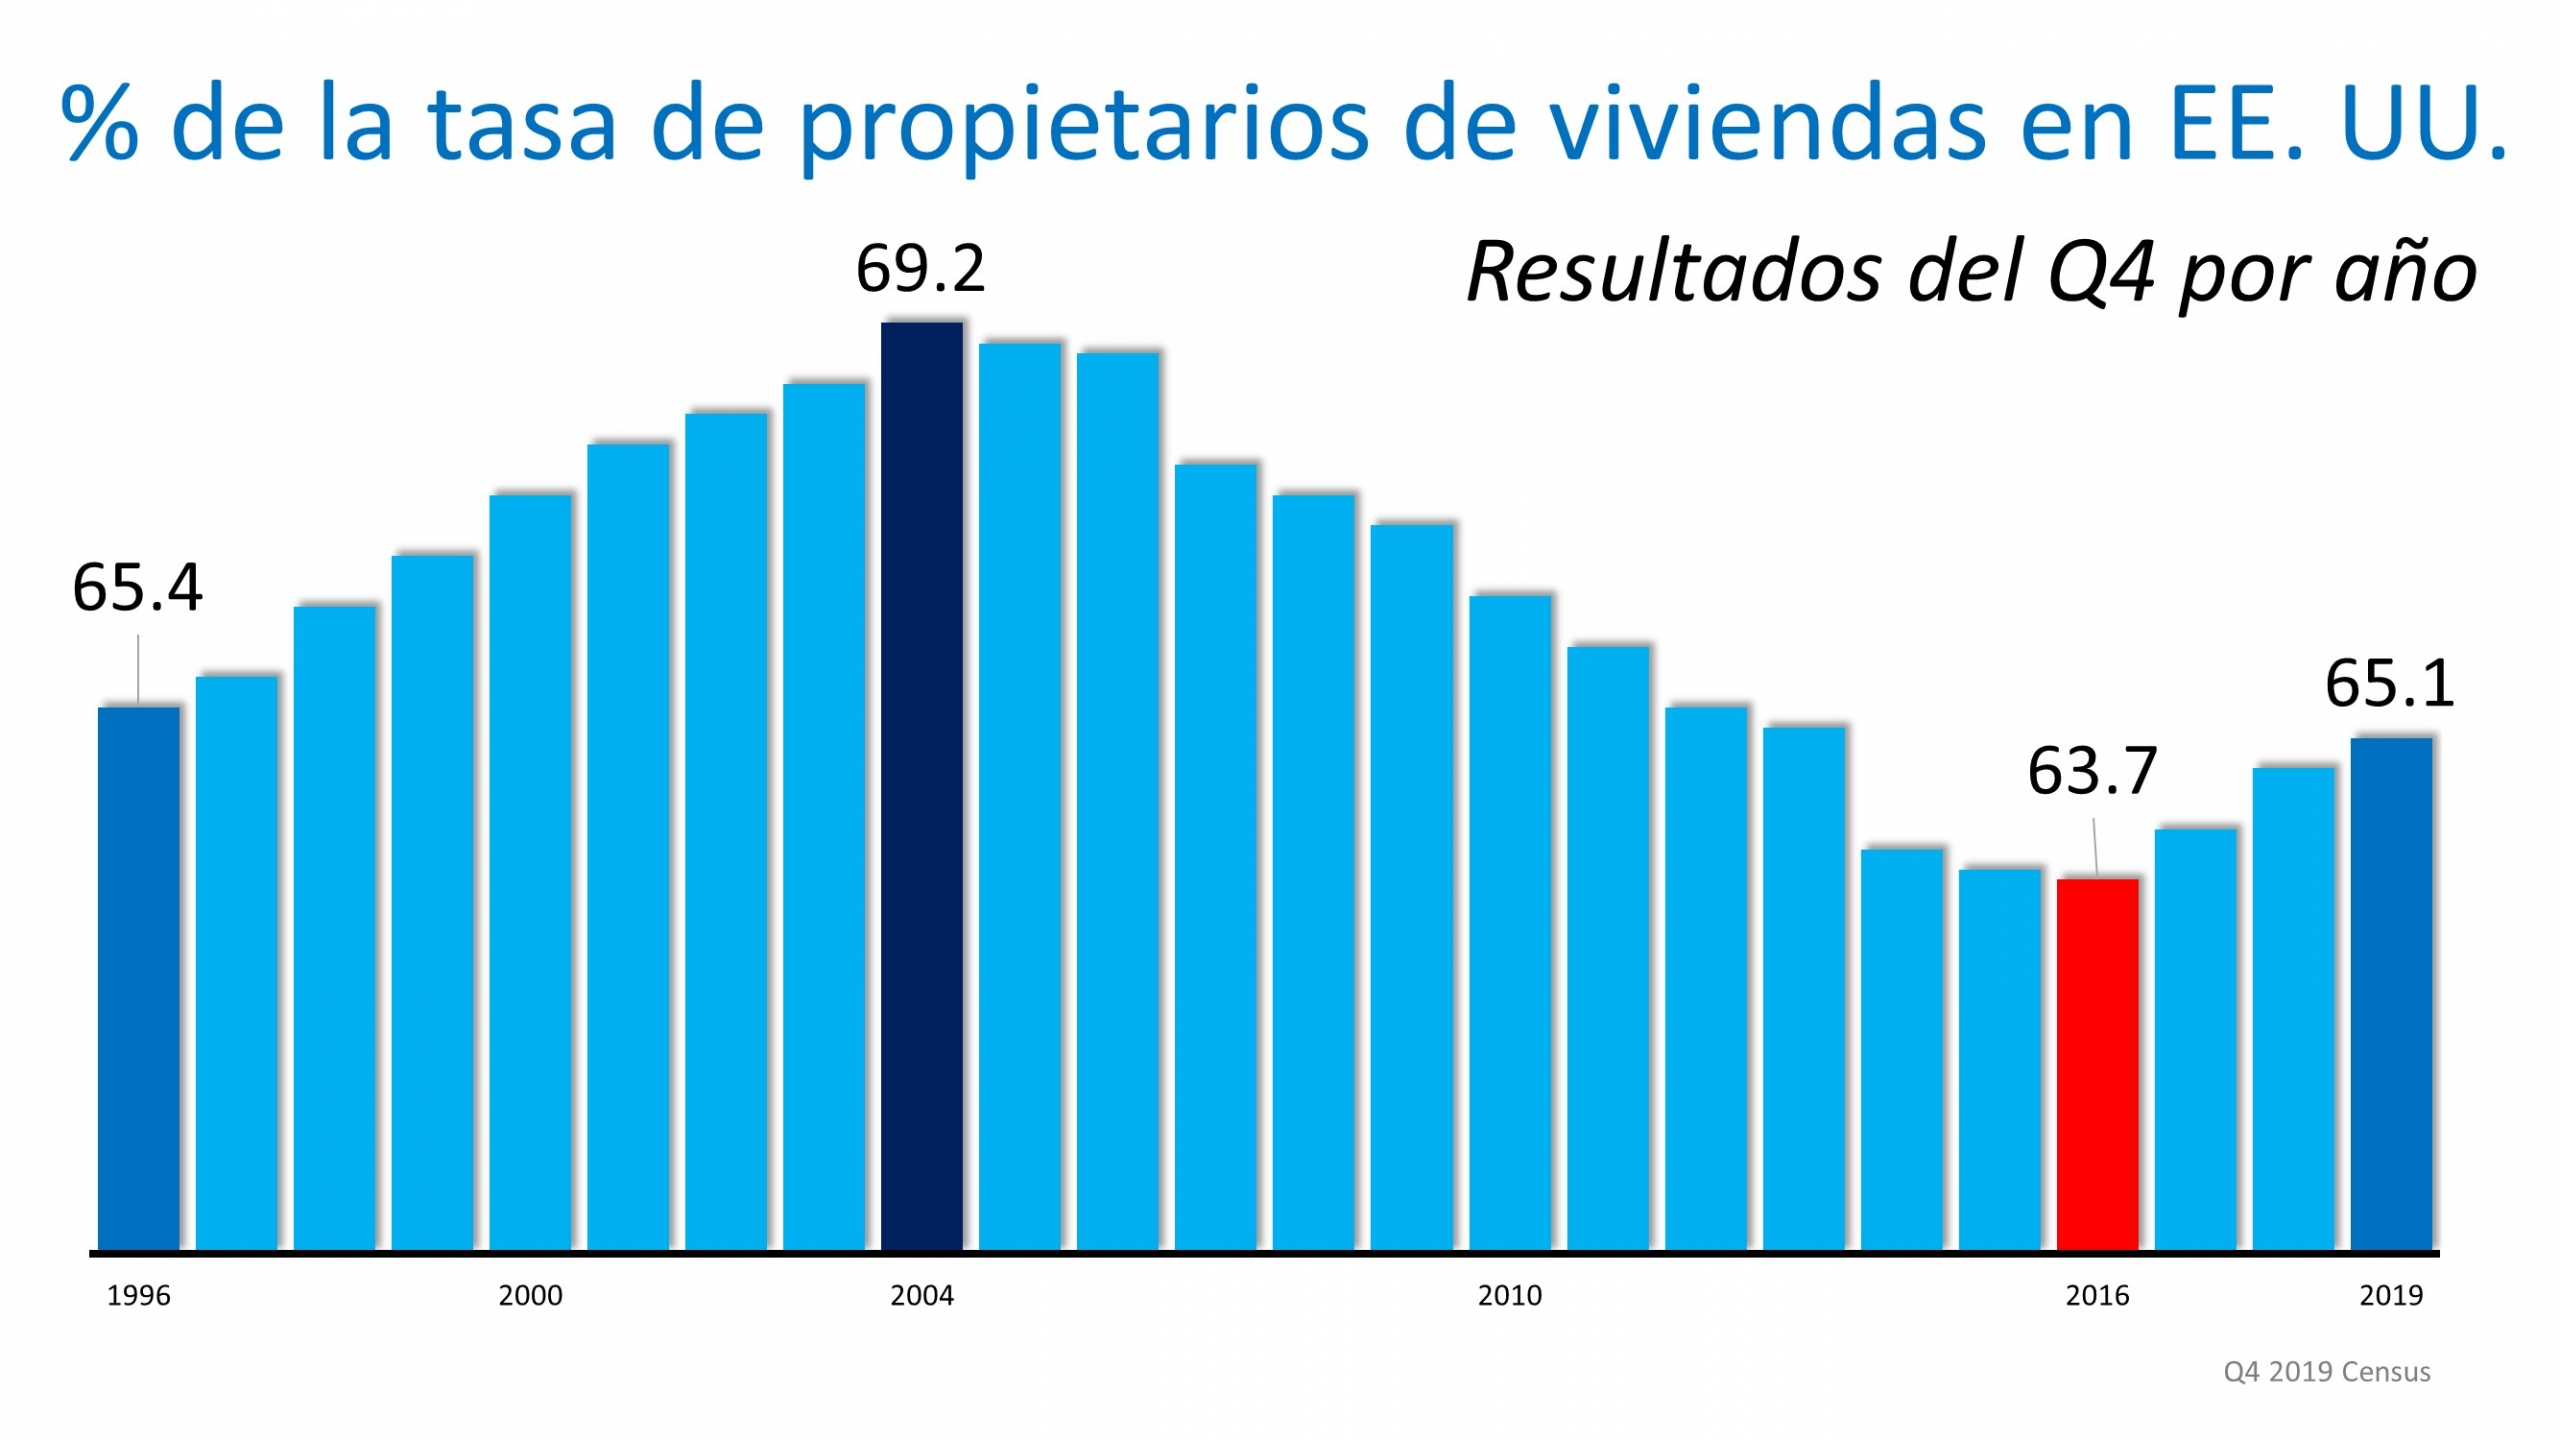 La tasa de los propietarios de viviendas en aumento a un máximo en 6 años | Simplifying The Market